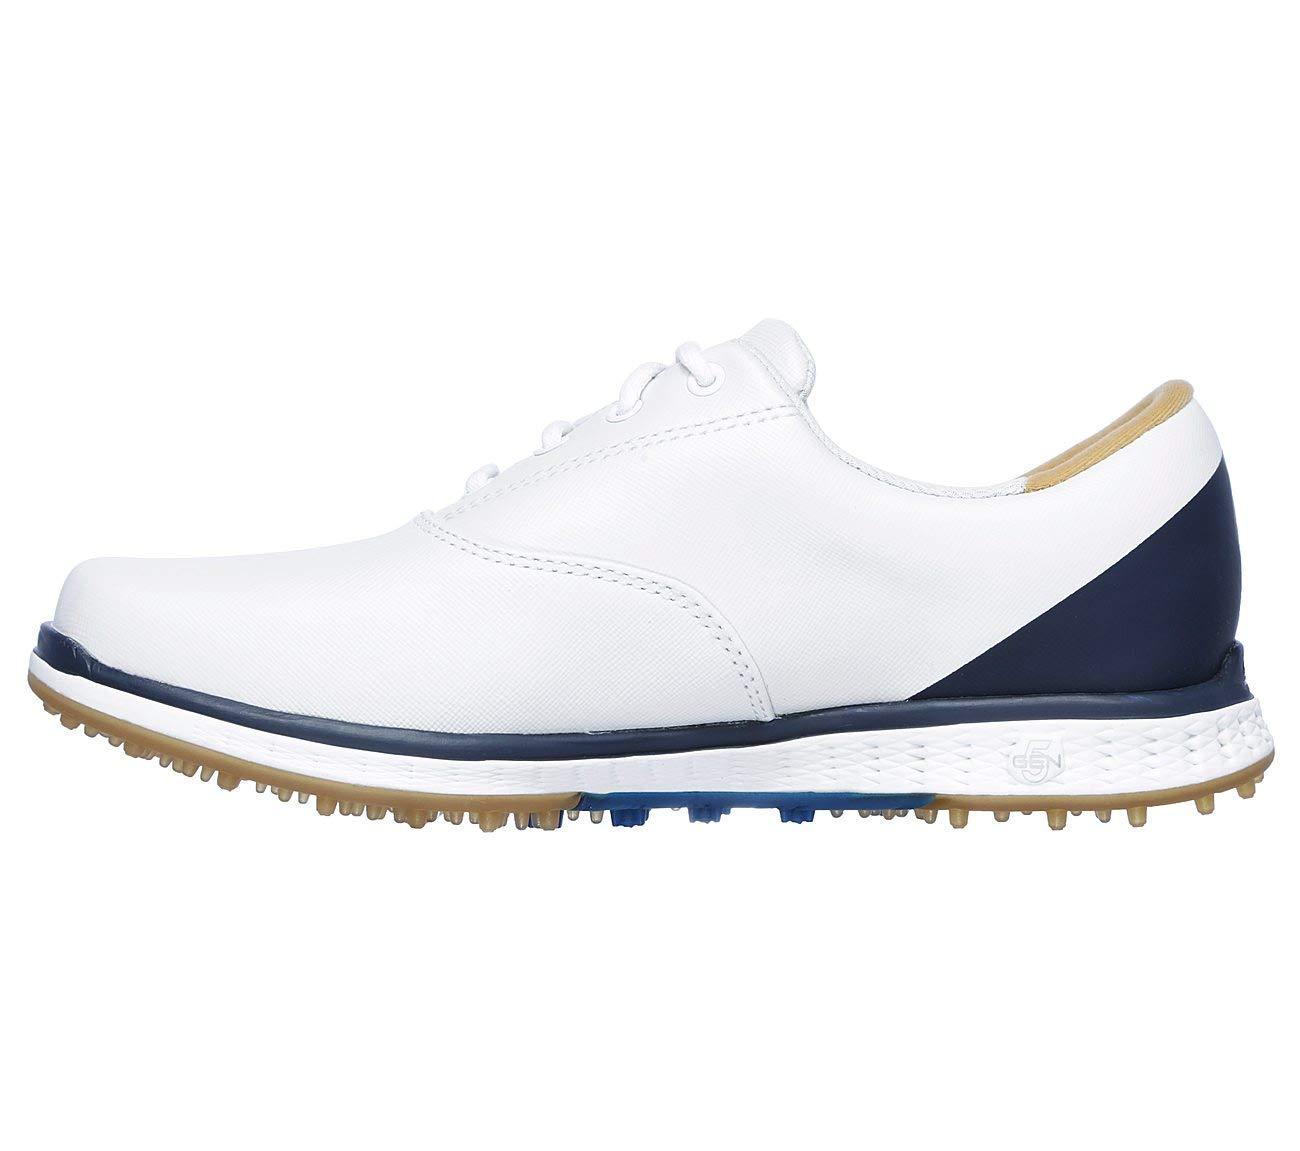 Skechers 2018 Go Golf Elite 2 14866 - Zapatos de Golf para Mujer (Piel sin Pinchos): Amazon.es: Deportes y aire libre